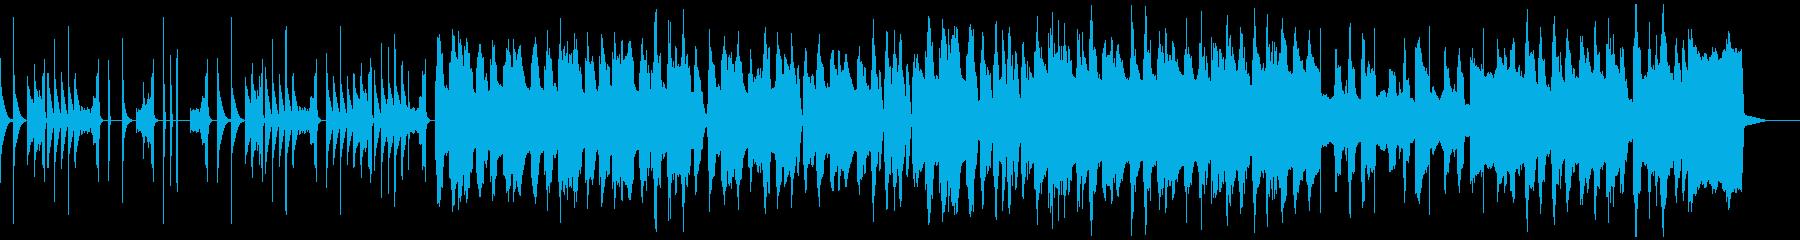 たのしげ あたりさわりのない元気なBGMの再生済みの波形